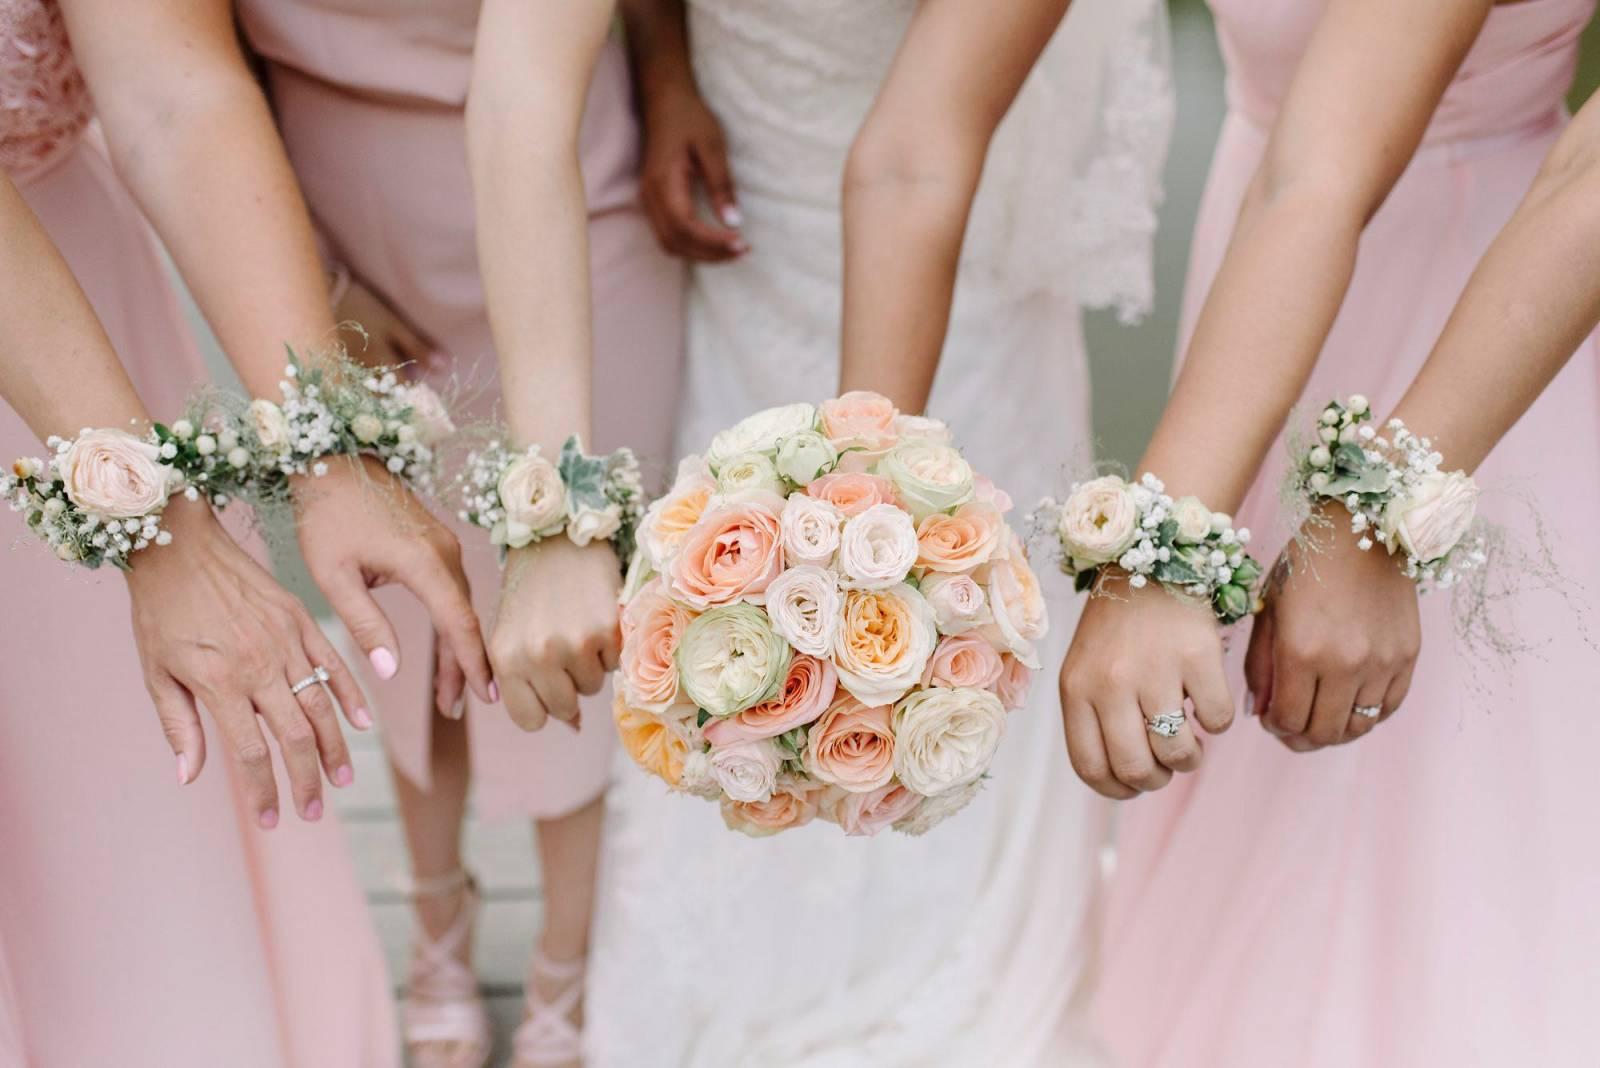 Floral Artists - Bloemen huwelijk trouw bruiloft - Bruidsboeket - Bloemendecoratie - House of Weddings - 13